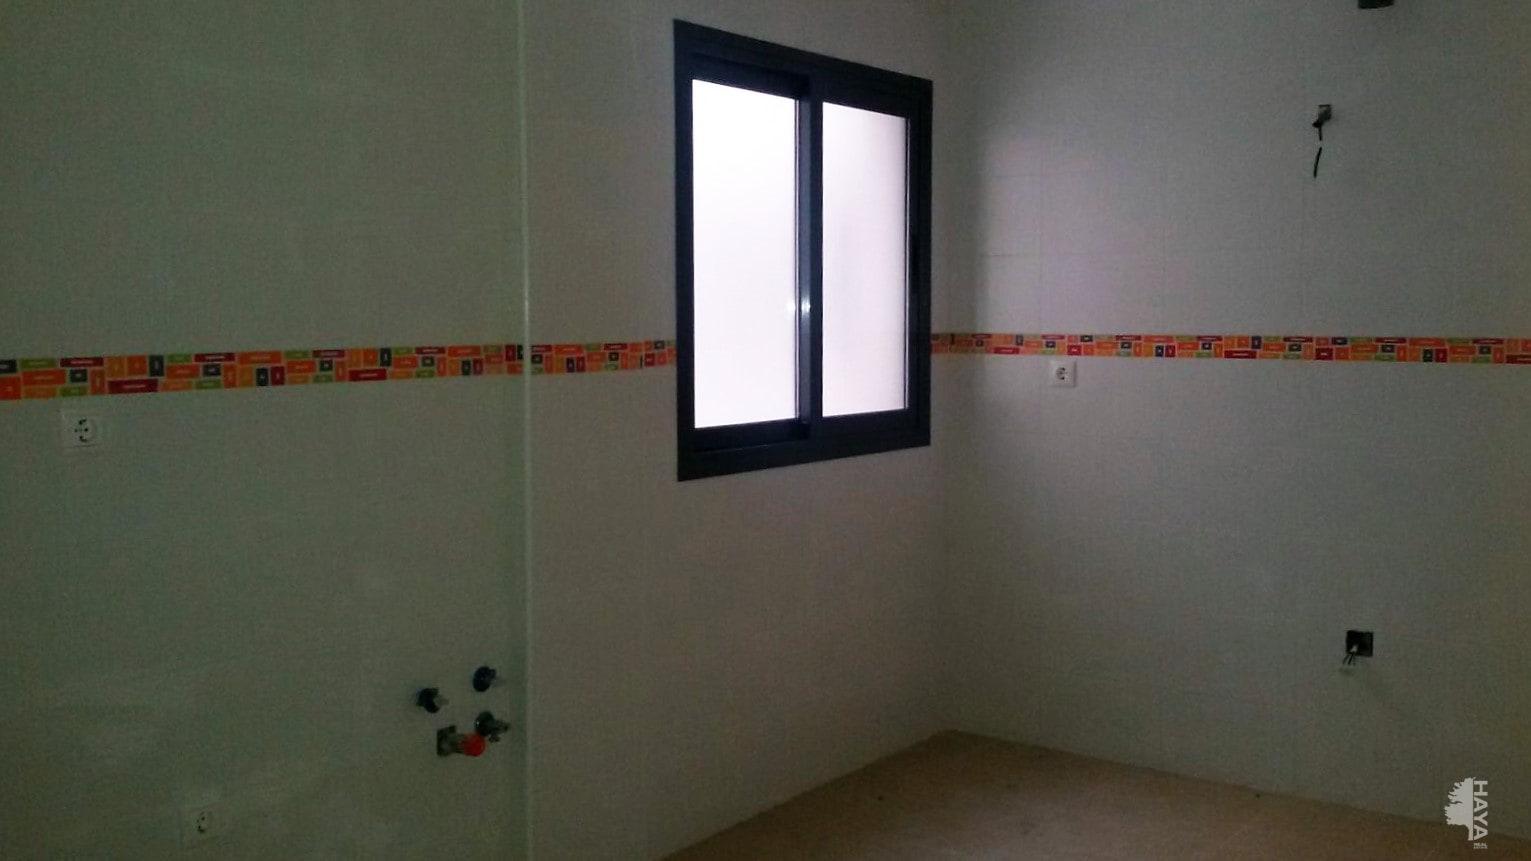 Piso en venta en Níjar, Almería, Calle Camino Campo, S/n, 123.000 €, 3 habitaciones, 2 baños, 124 m2